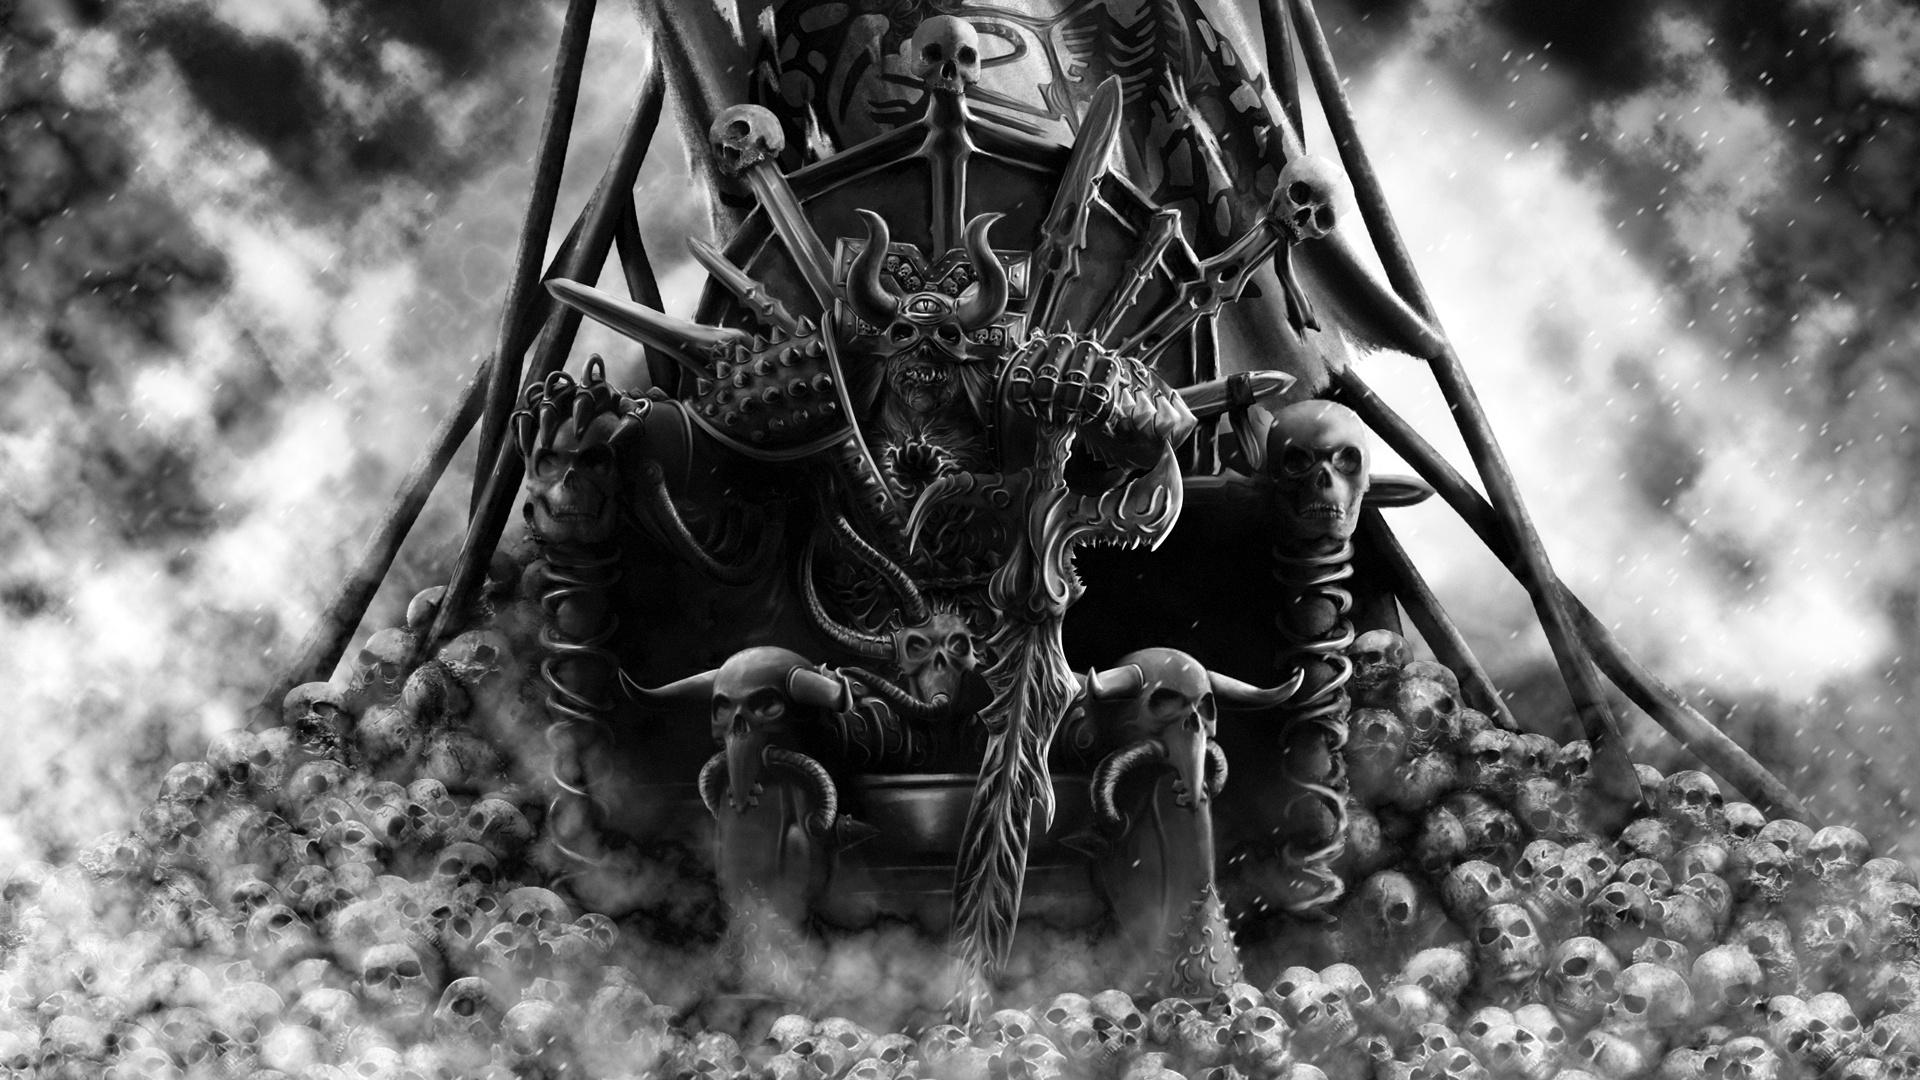 Warrior skulls king wallpaper 1920x1080 37930 - King wallpaper ...